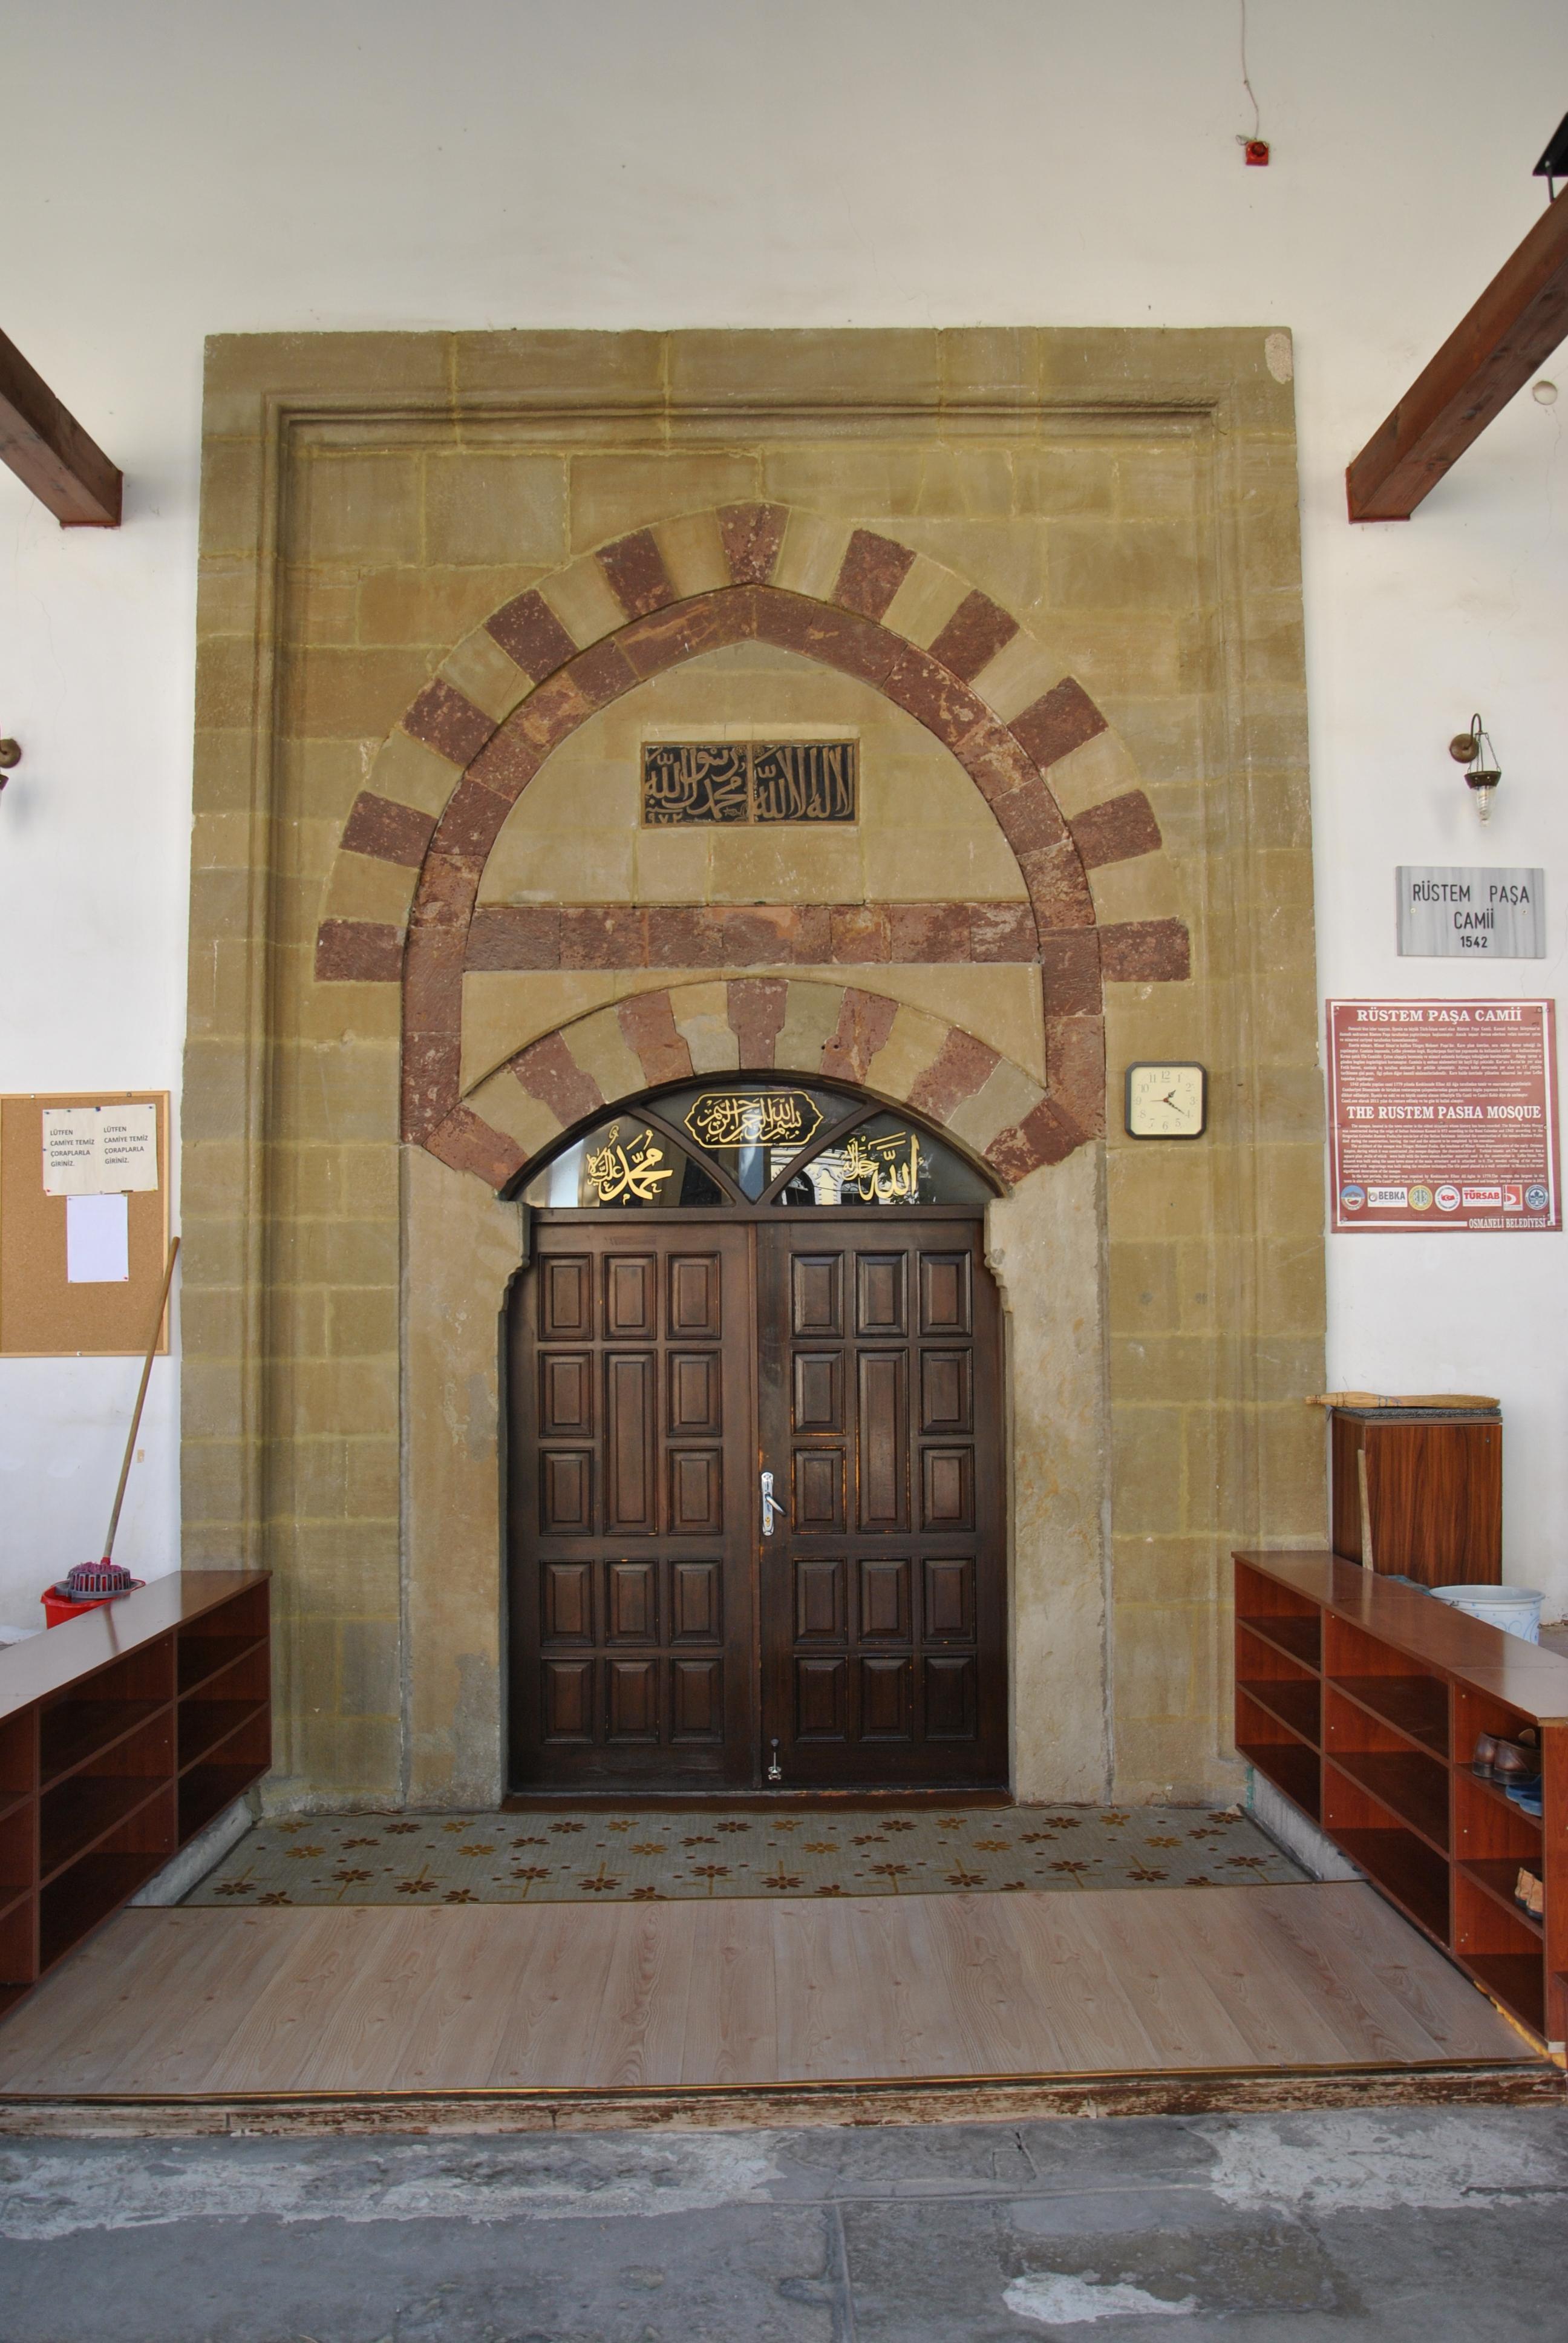 Fotoğraf 13. Rüstem Paşa Camii'nin giriş kapısı.